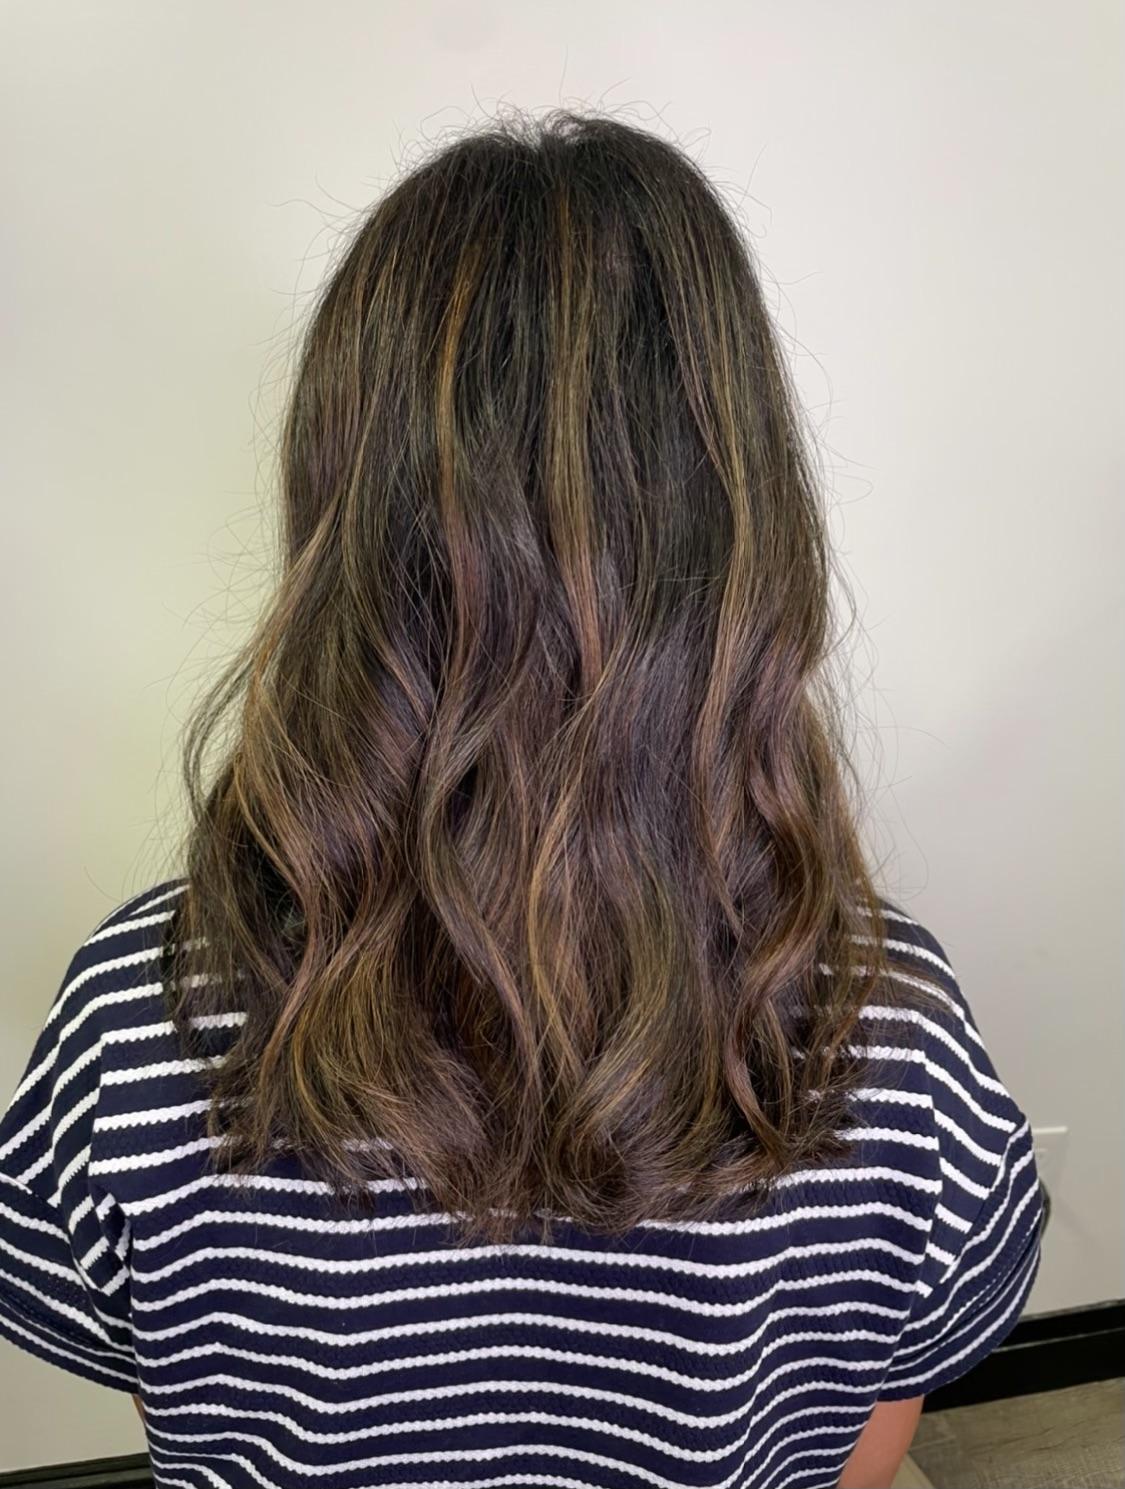 brunette-highlights-salon-nj